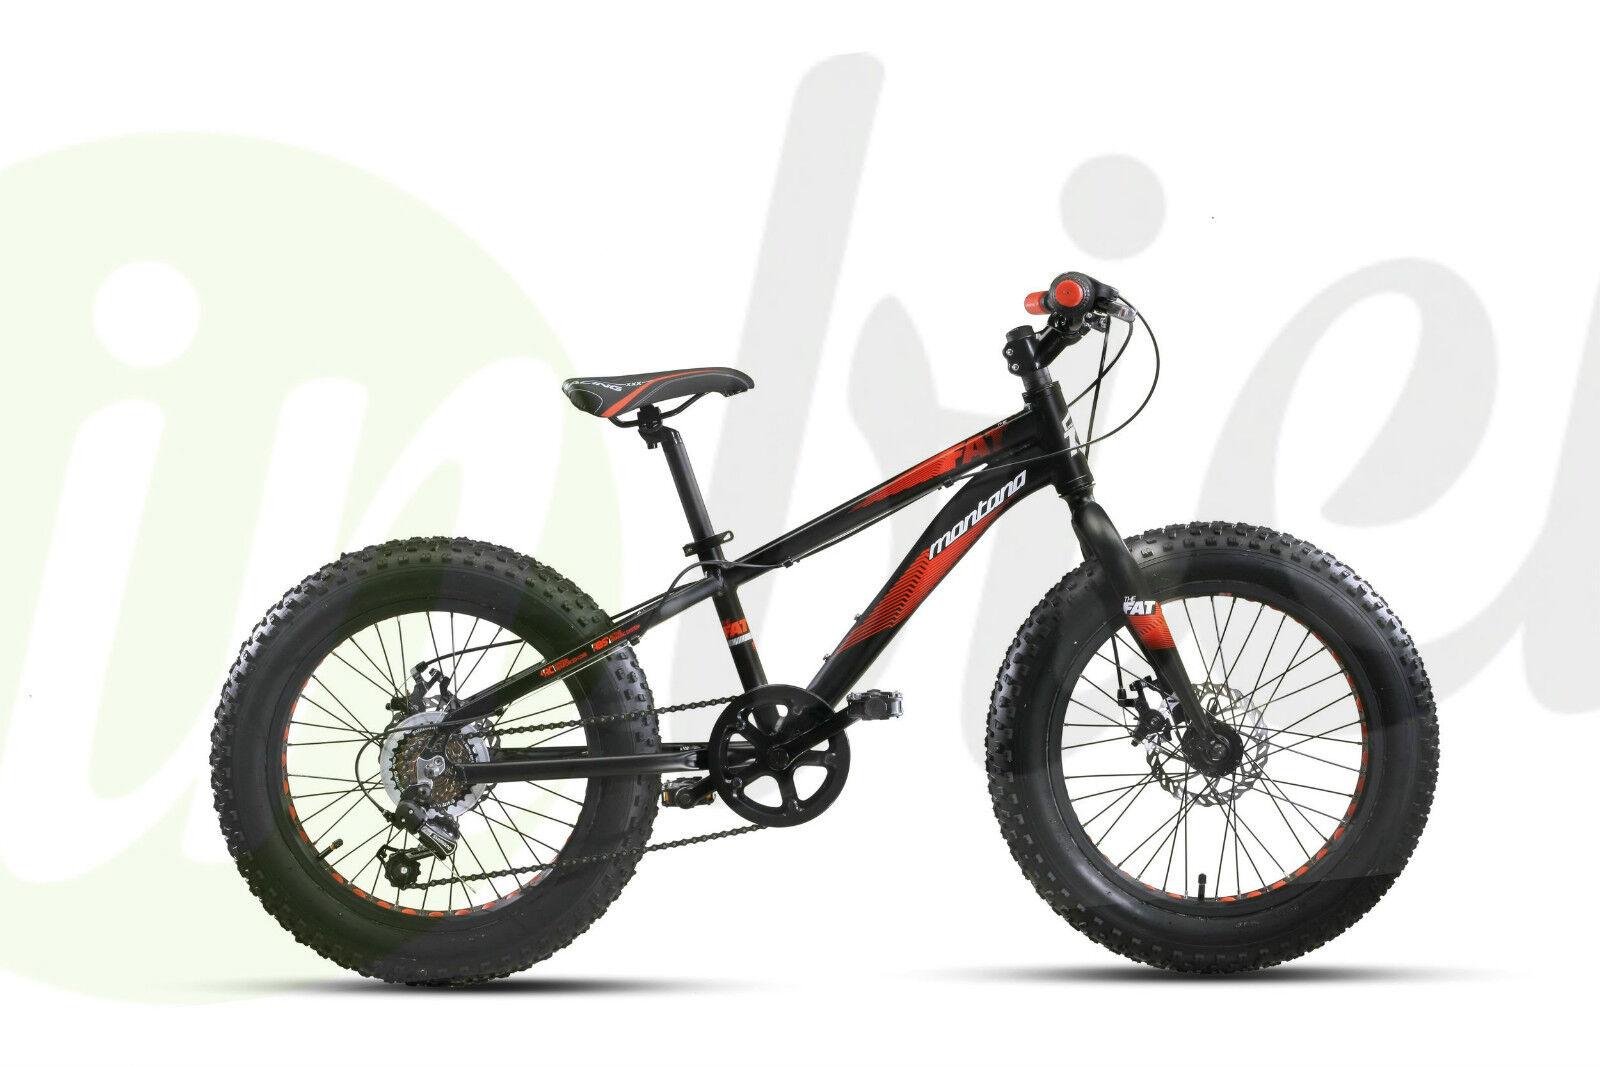 Bicicletta Montana Vkt FAT BIKE 20  TY-21 6V Revo Disc